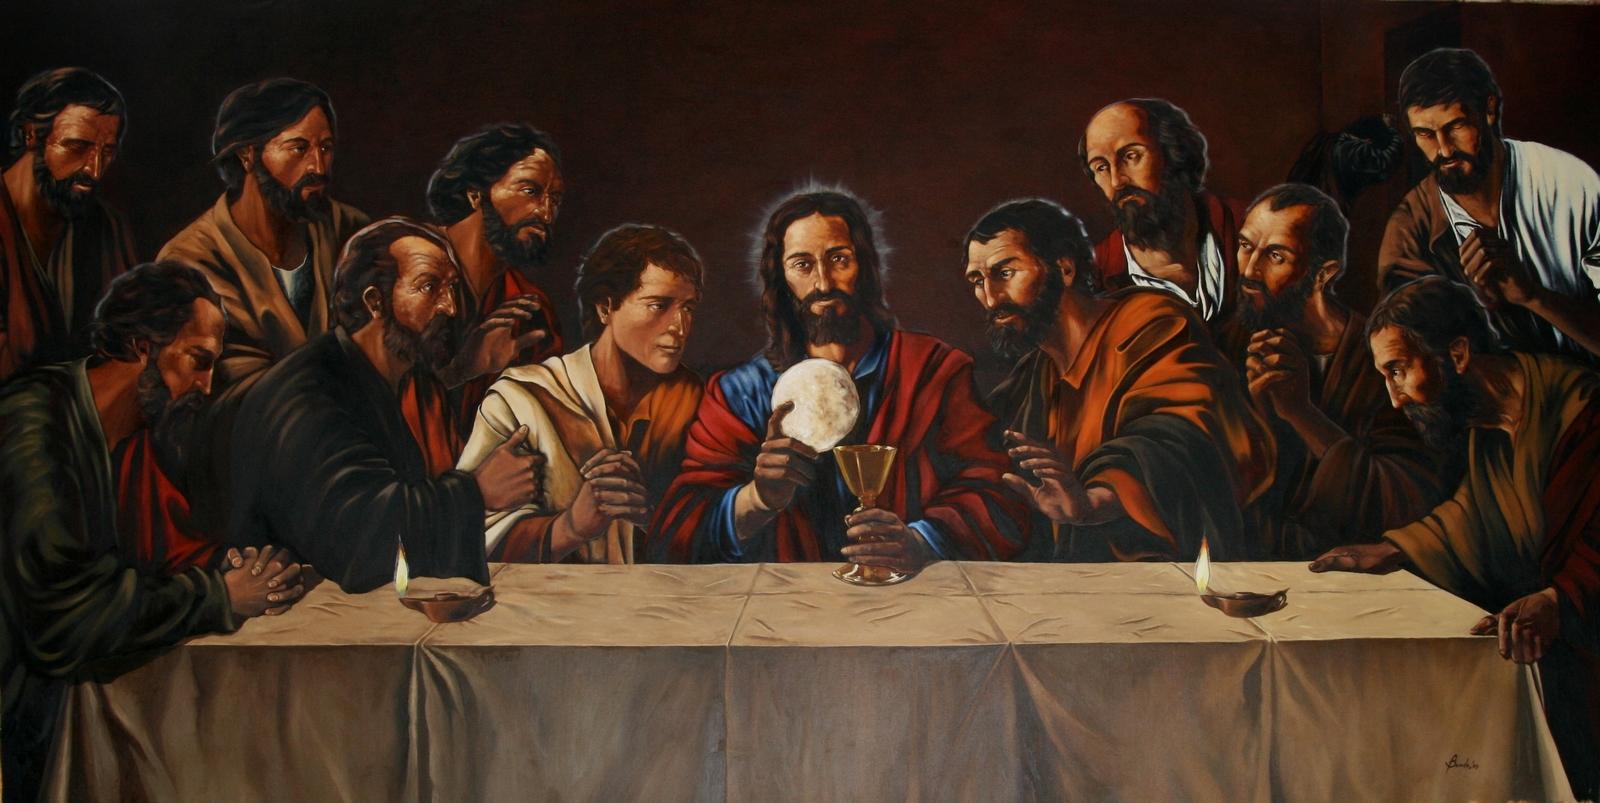 Las 5 Promesas de Jesucristo para la Iglesia de todos los tiempos